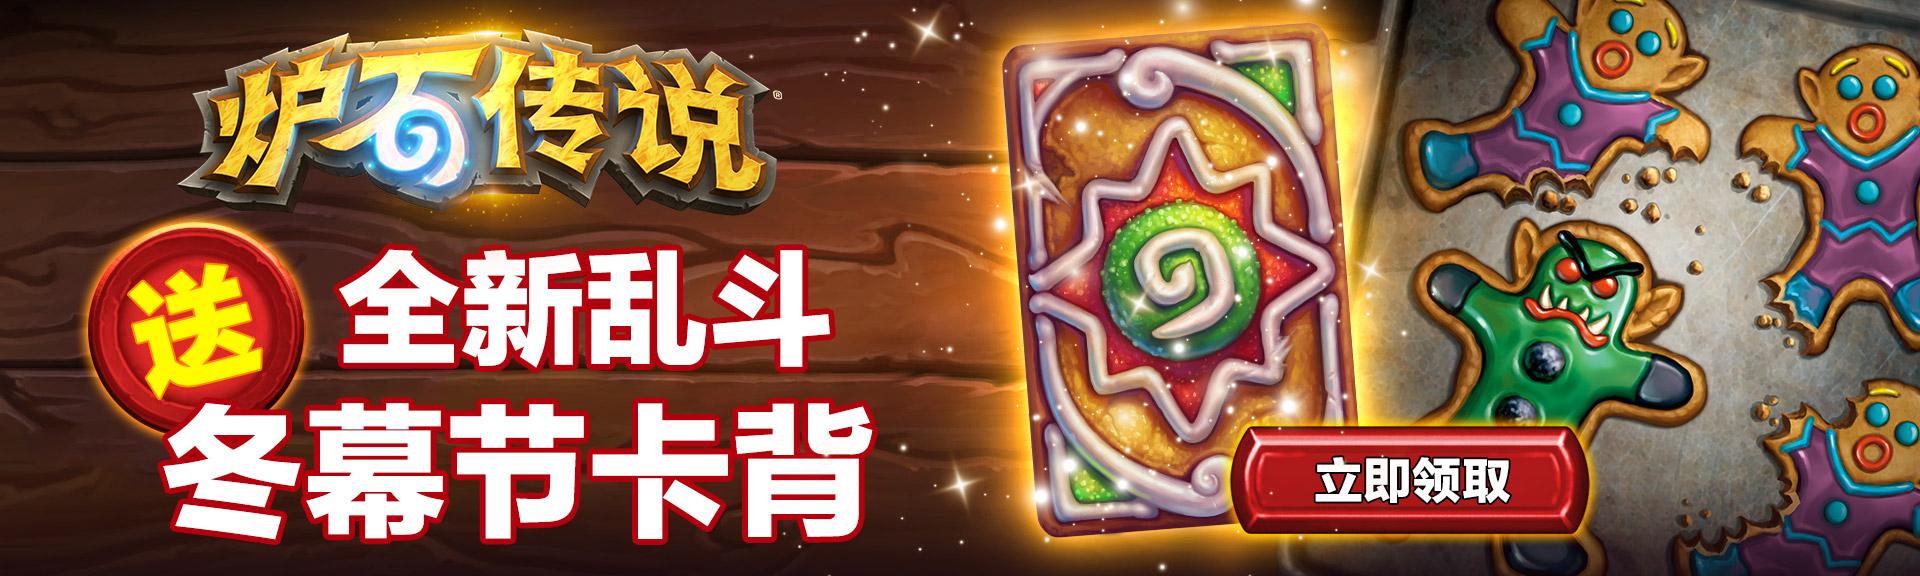 《炉石传说》冬幕节活动限时开启,完成任务得卡背和卡包